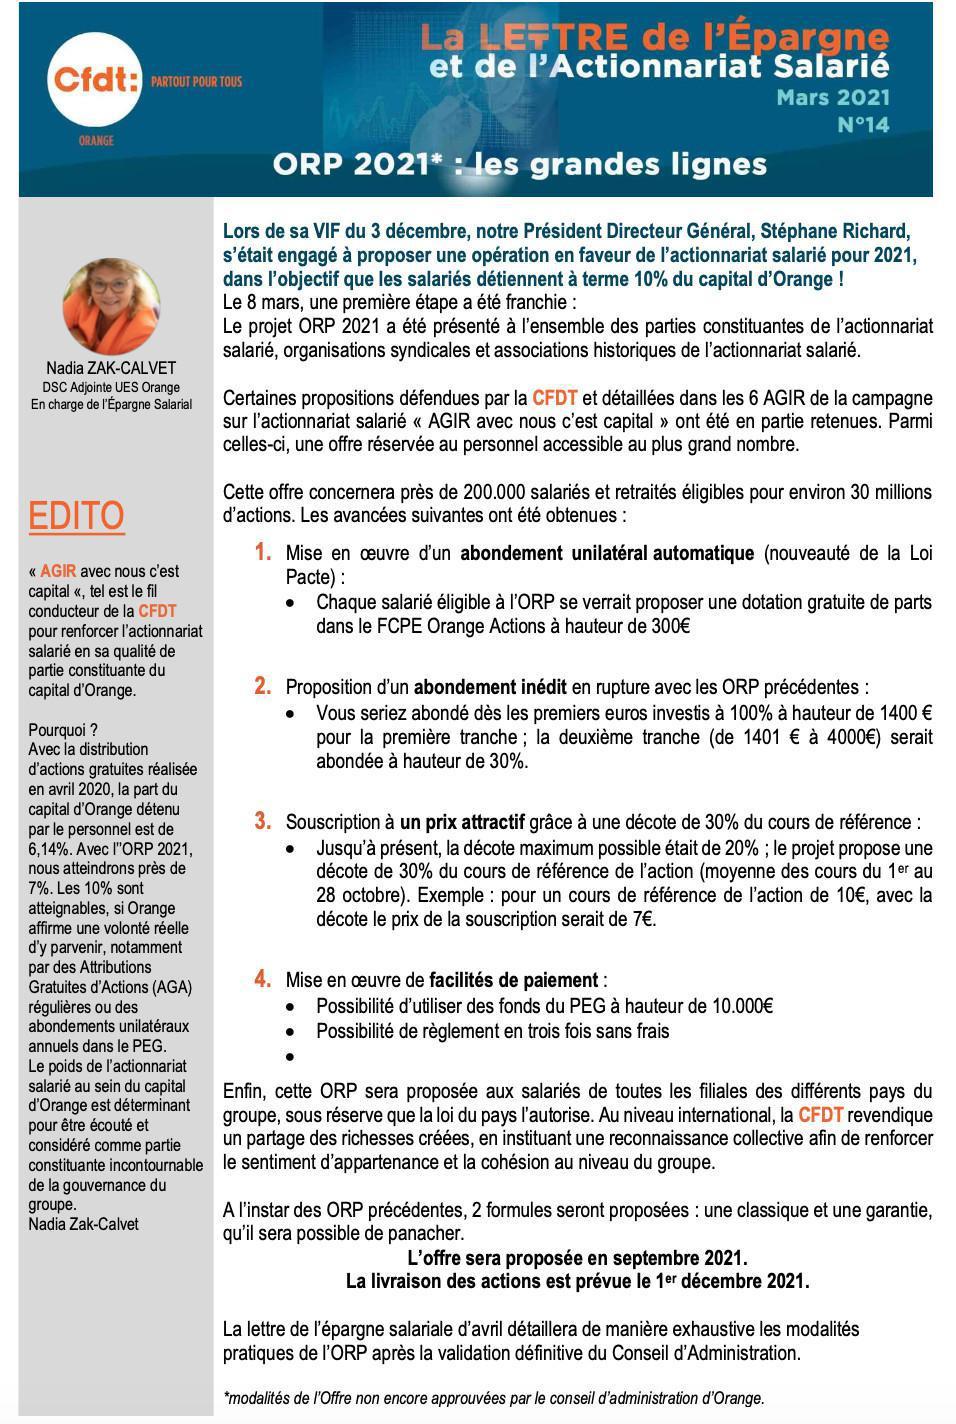 La lettre de l'épargne et de l'actionnariat salarié #14 - Mars 2021